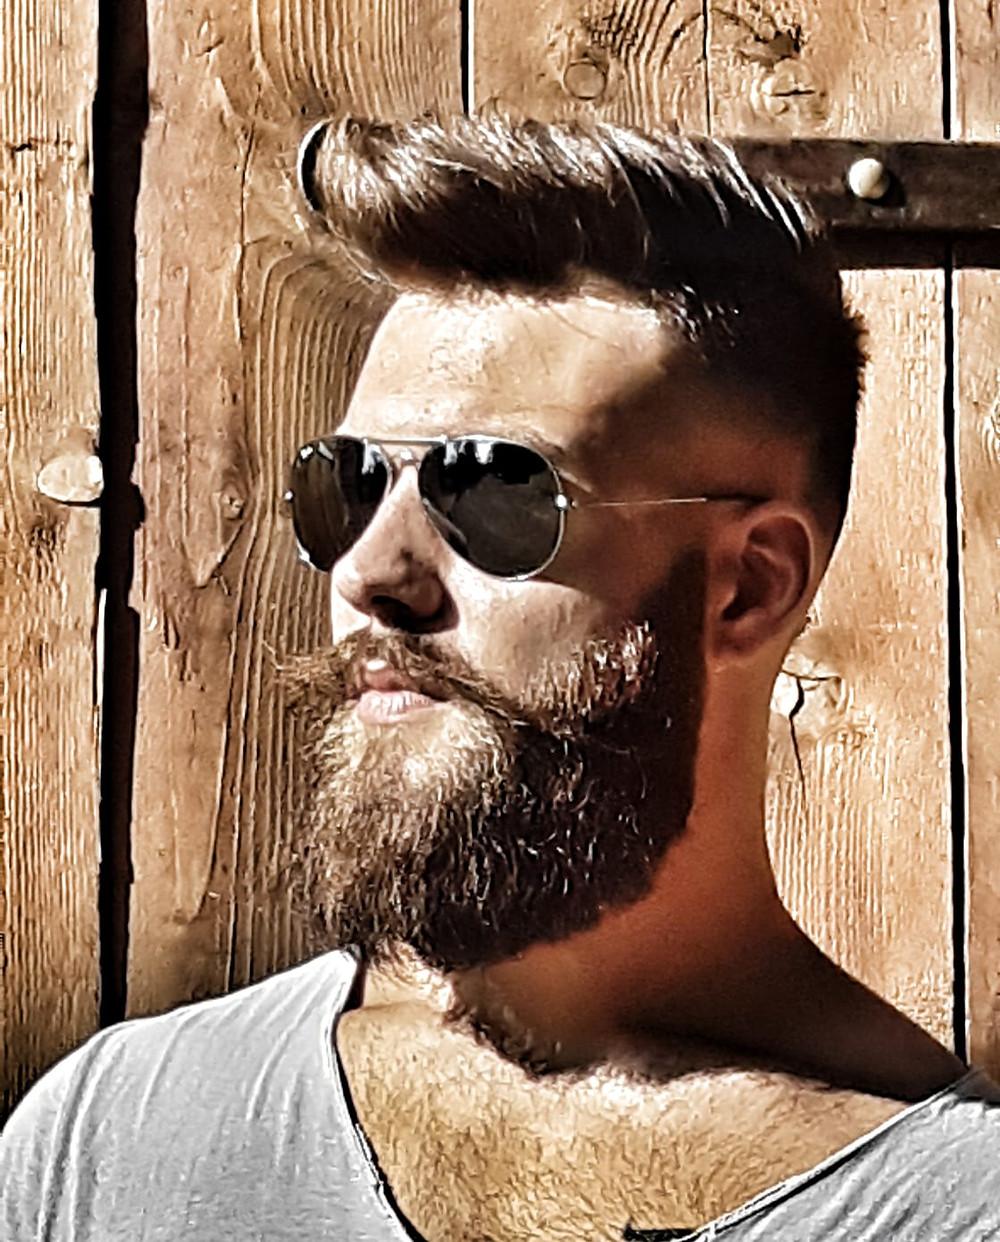 Barba d'estate: consigli utili